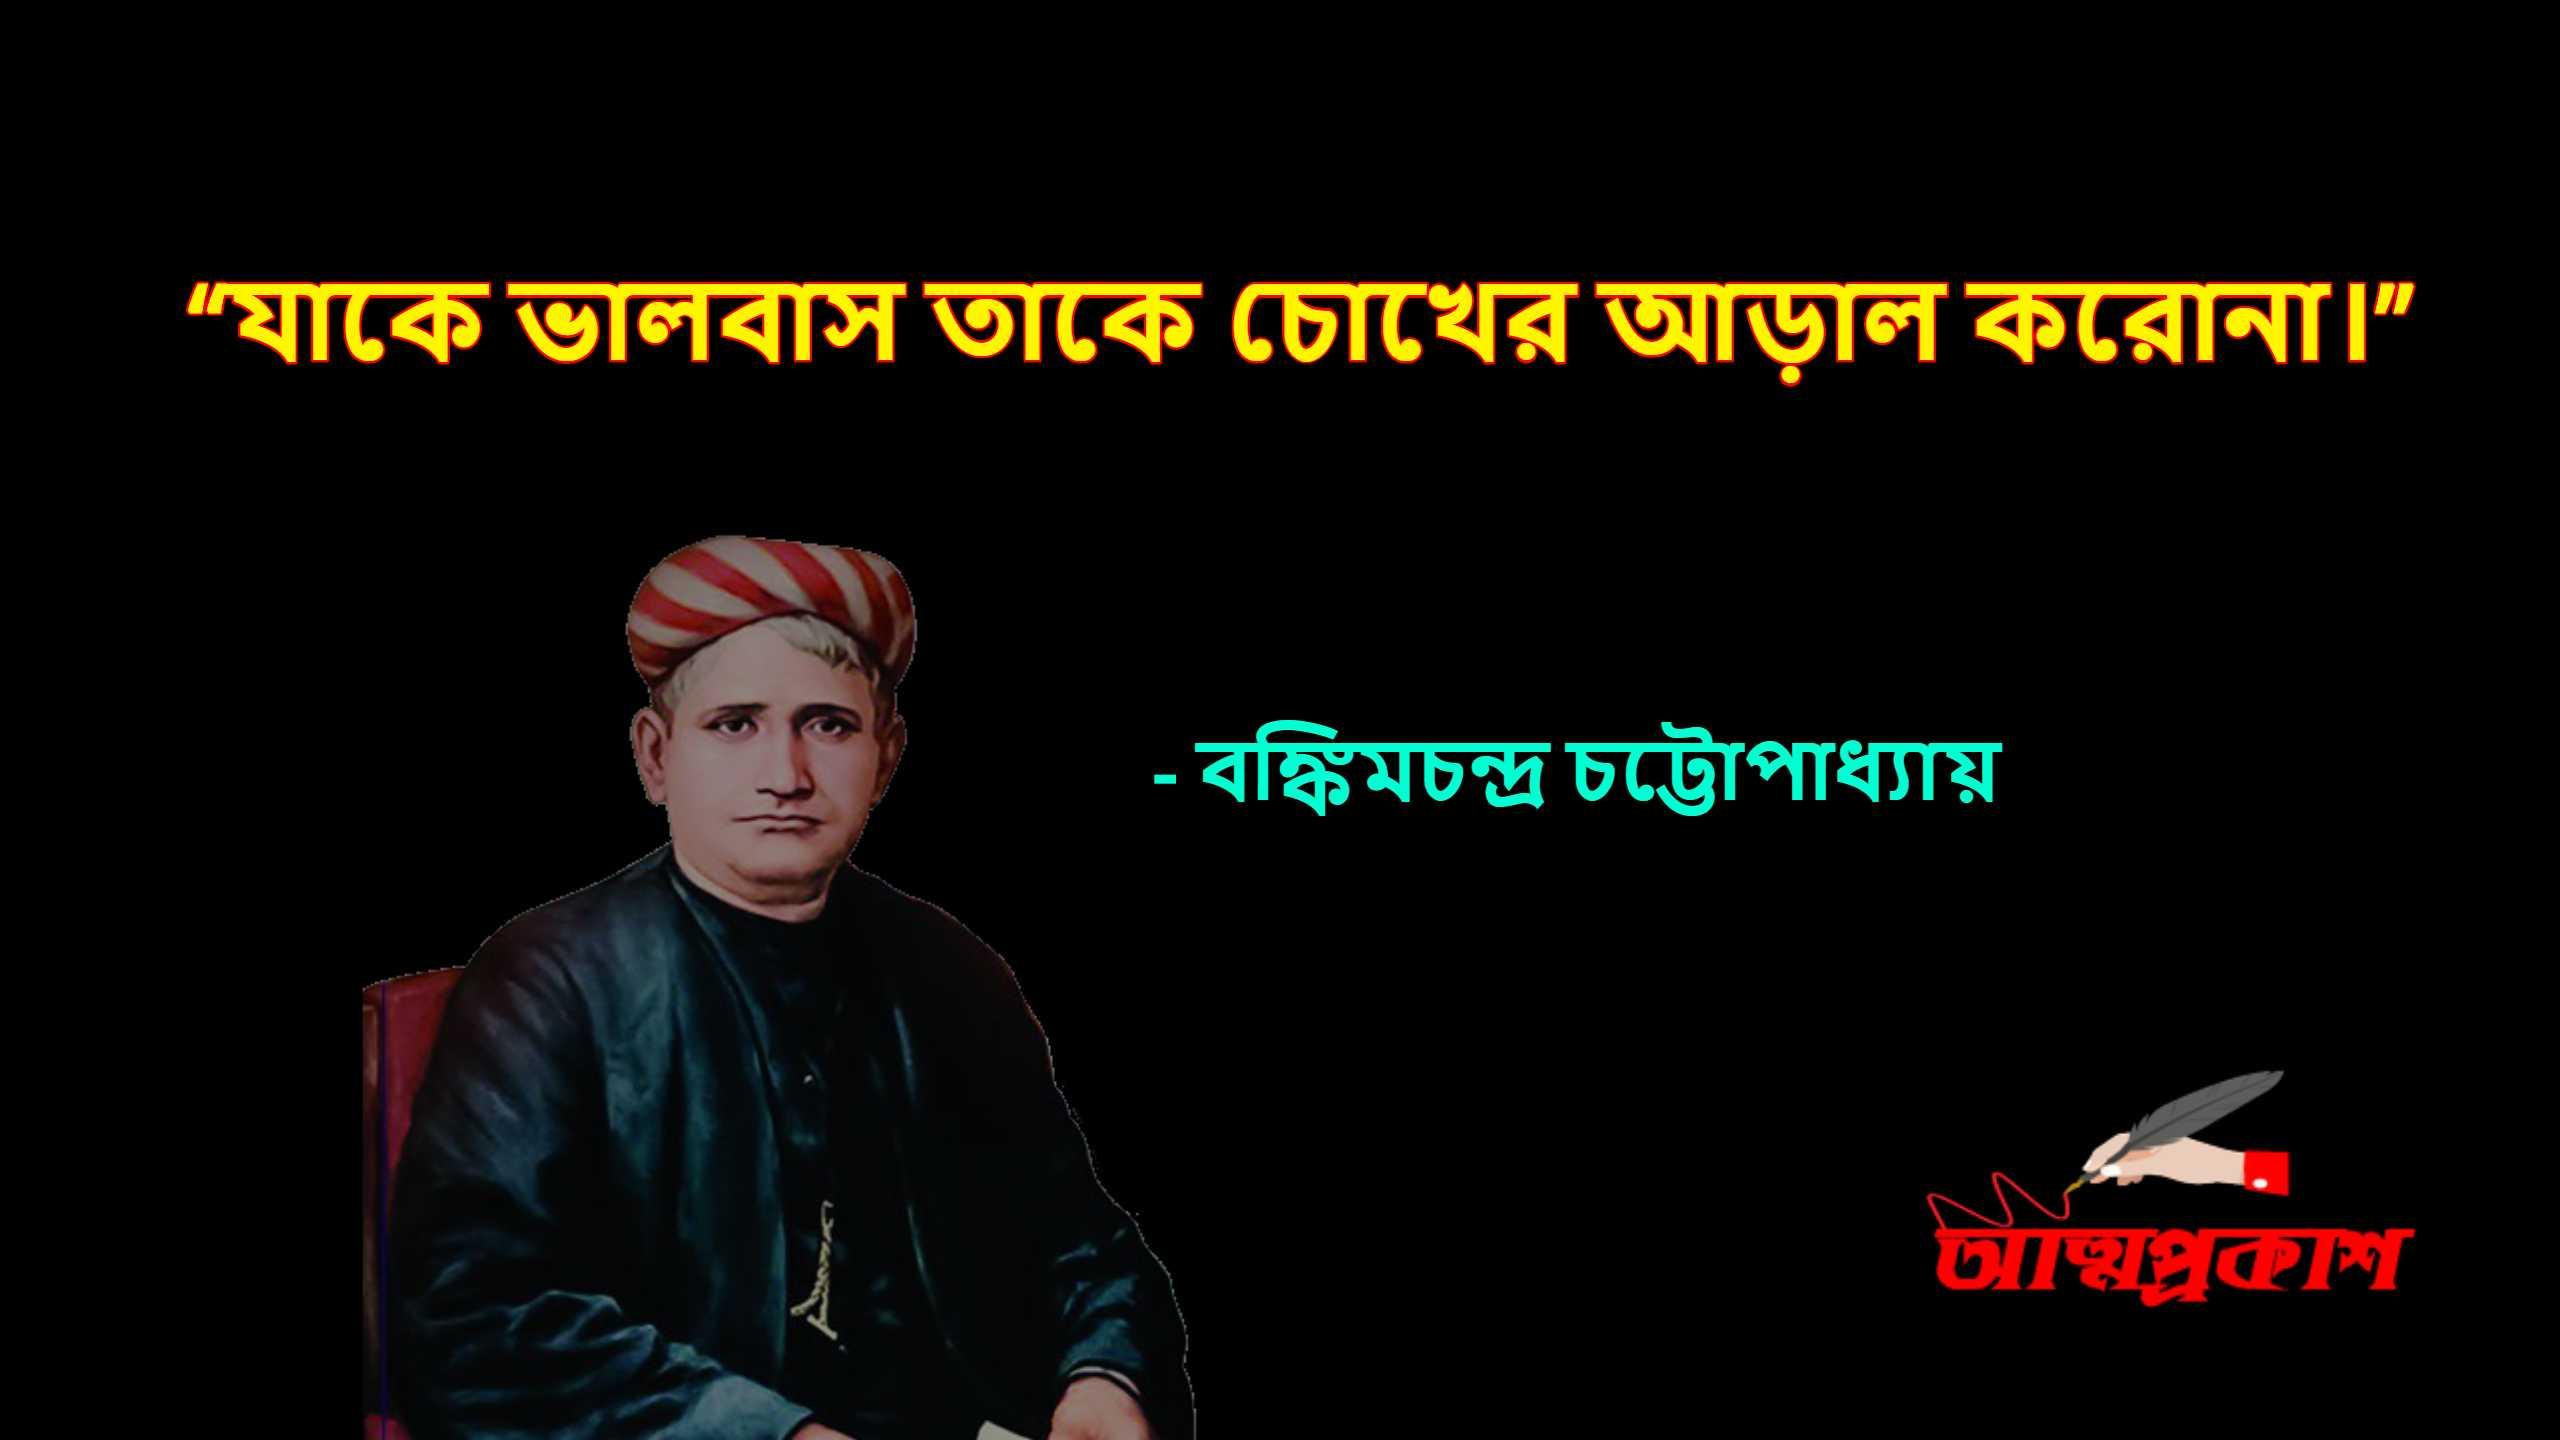 ভালবাসা-নিয়ে-বঙ্কিমচন্দ্র-চট্টোপাধ্যায়-উক্তি-বাণী-Bankim-Chandra-Chattopadhyay-quotes-about-love-bangla-bani